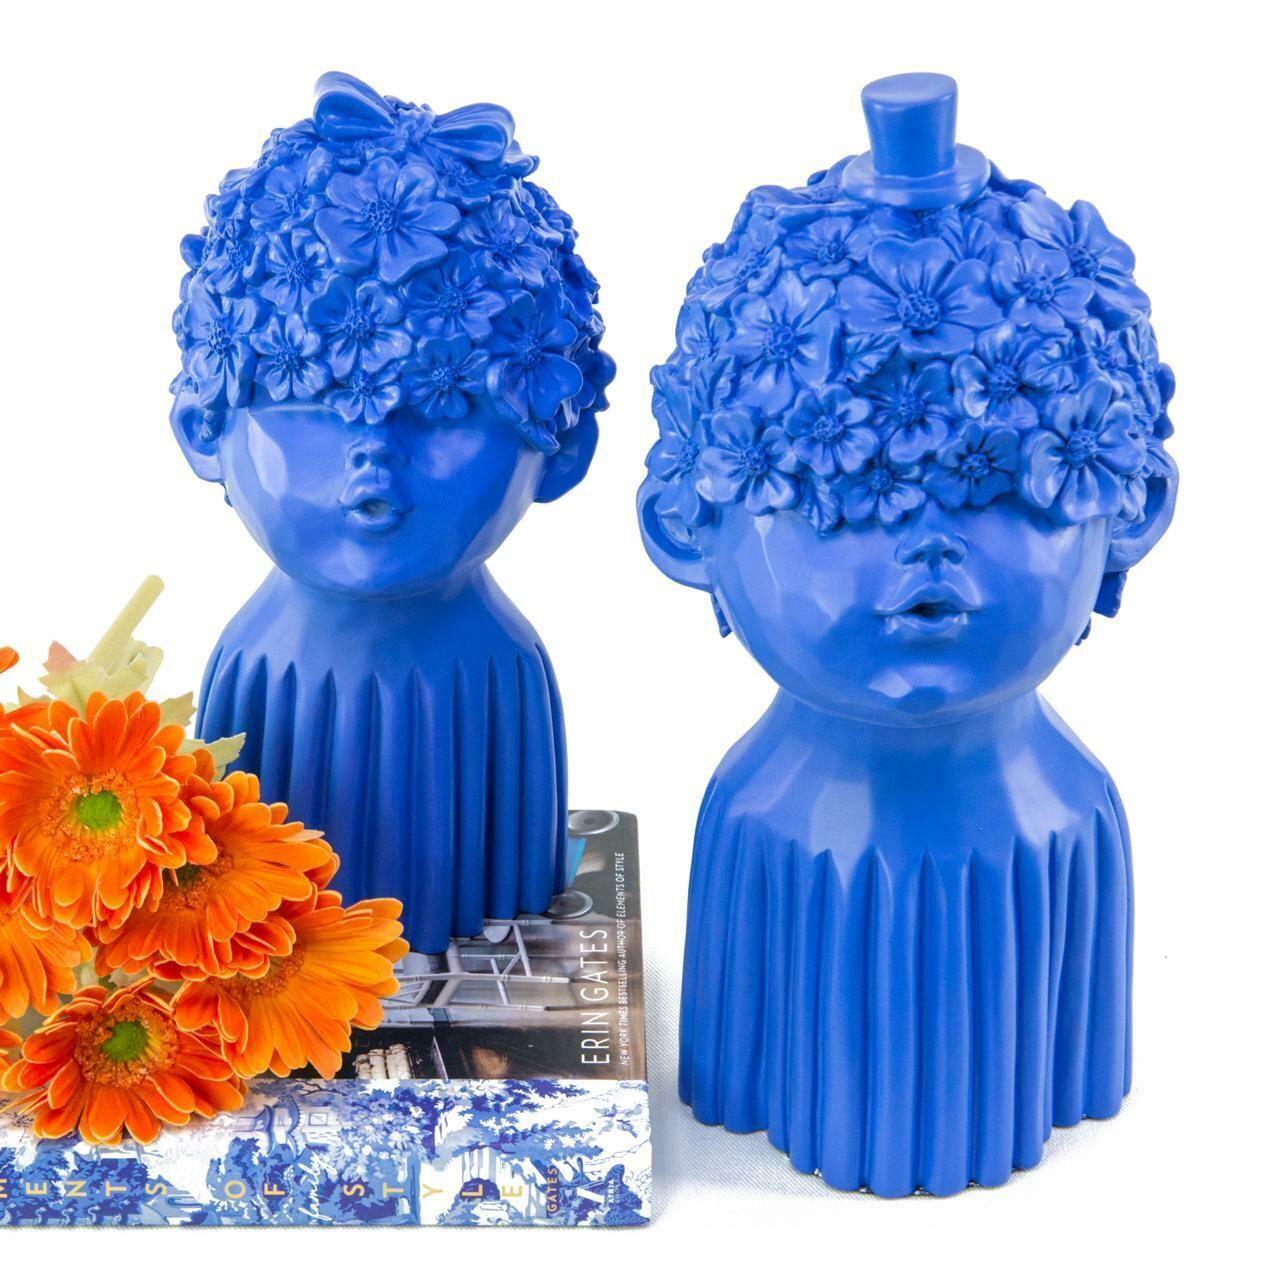 Blue Couple Sculpture - Cool Ornaments